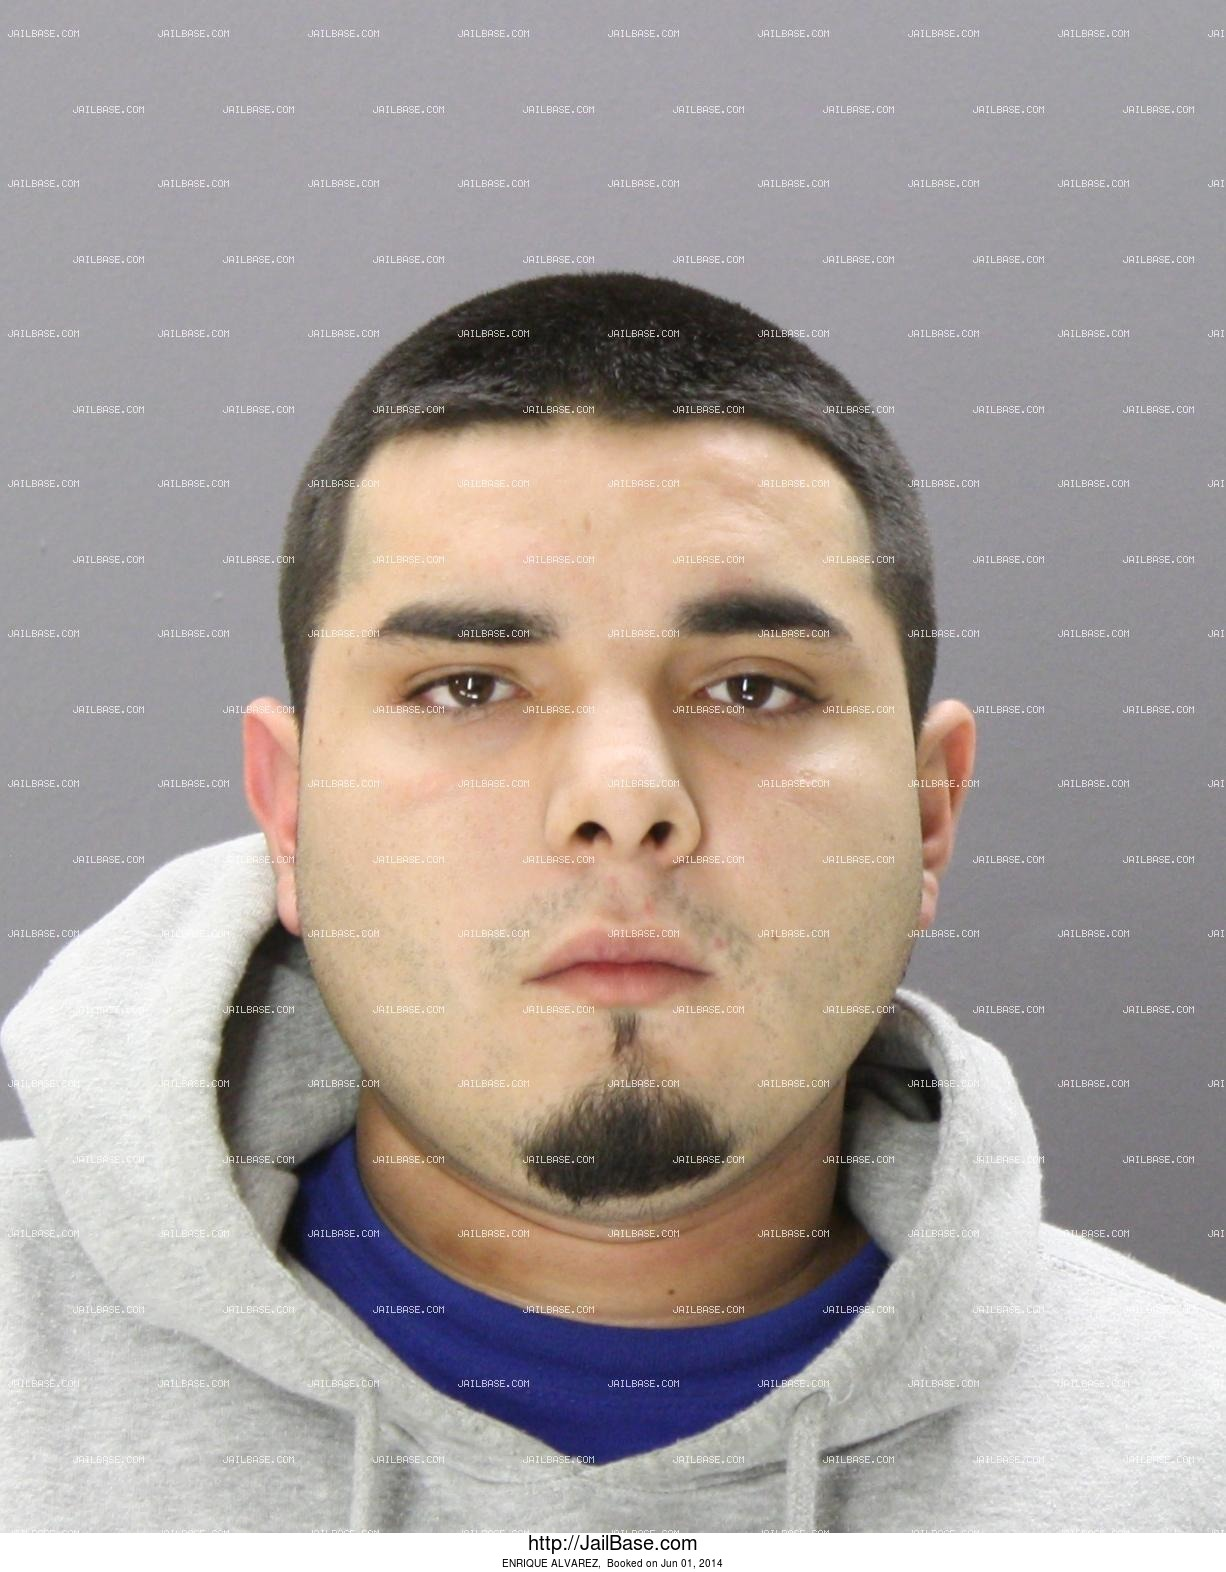 Enrique alvarez jailed on june 01 2014 jailbase - Enrique alvarez ...